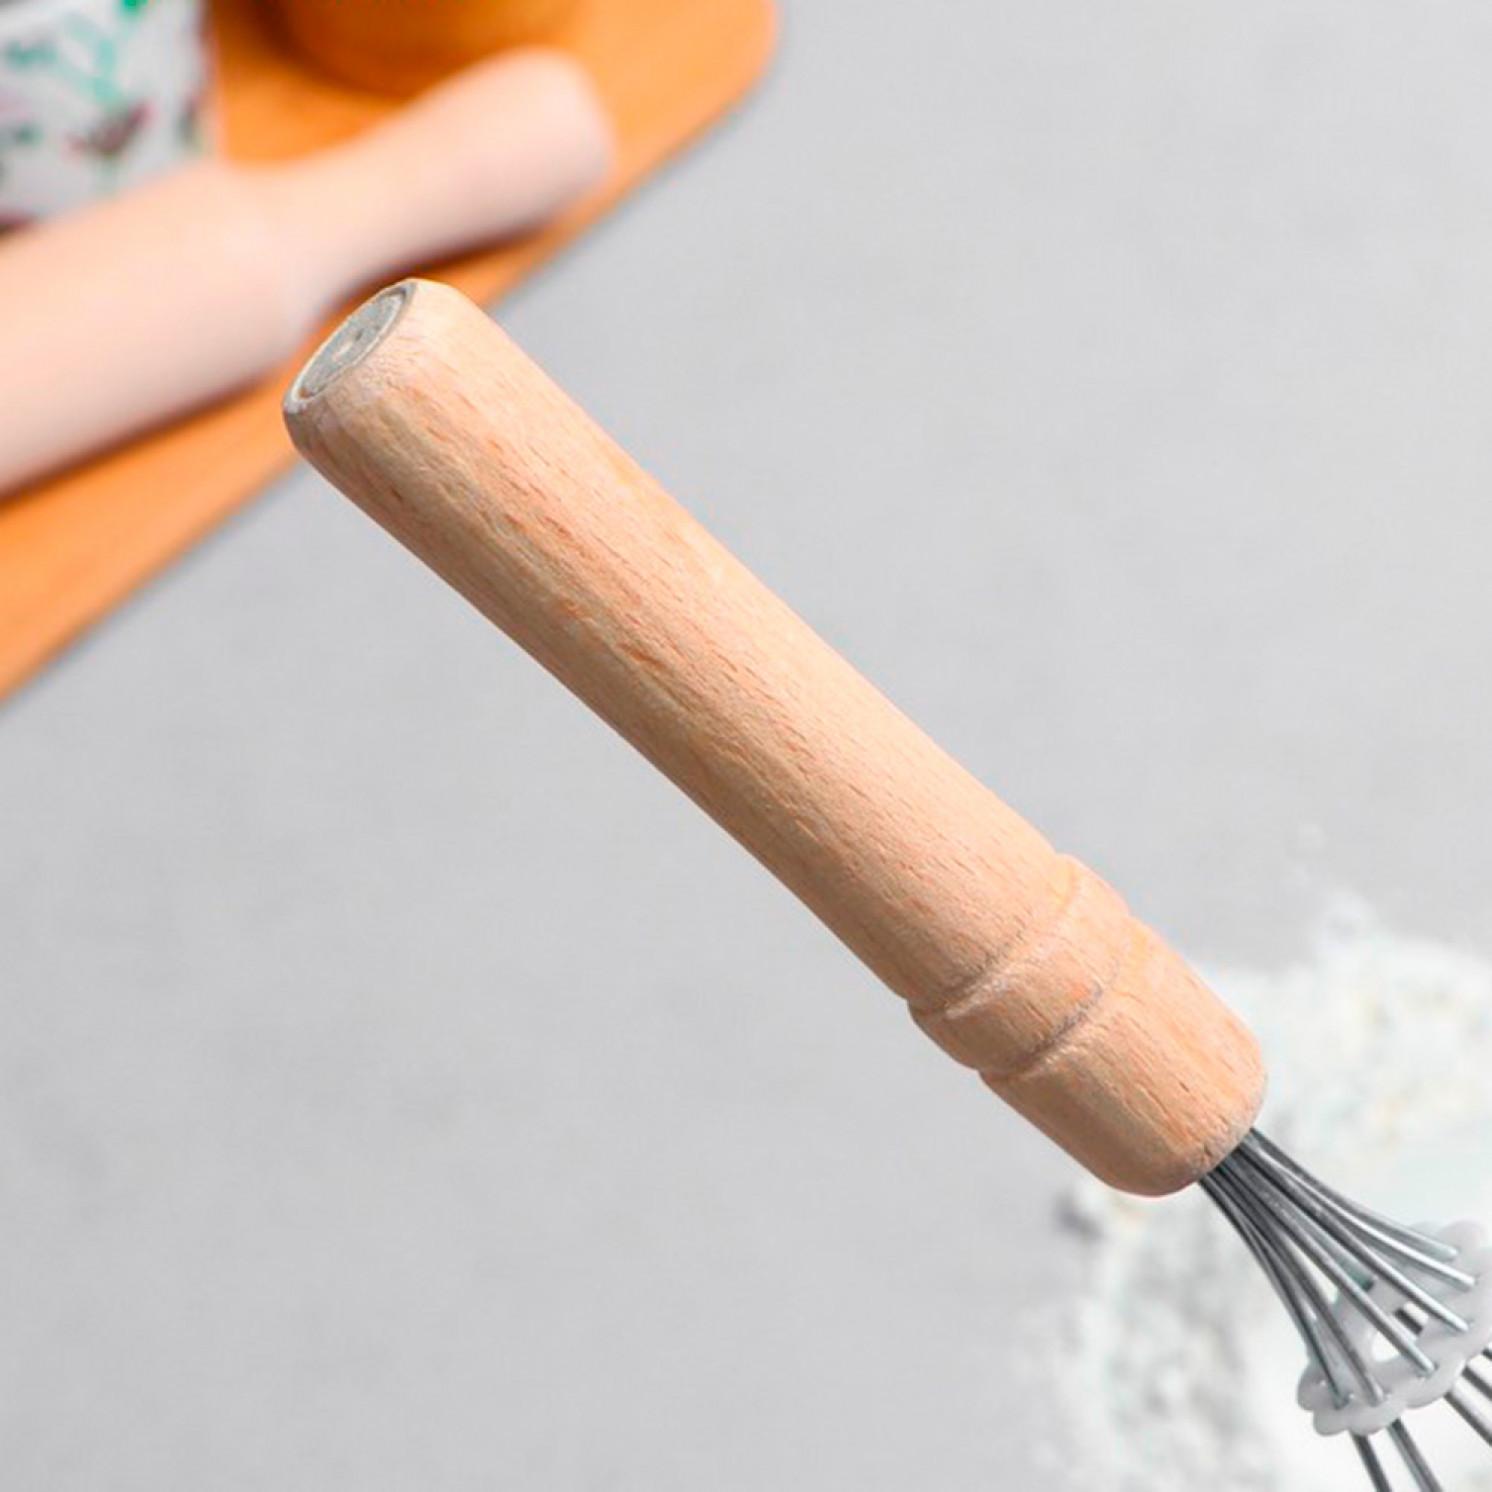 """Венчик для взбивания с деревянной ручкой """"Классика"""", 27 см"""